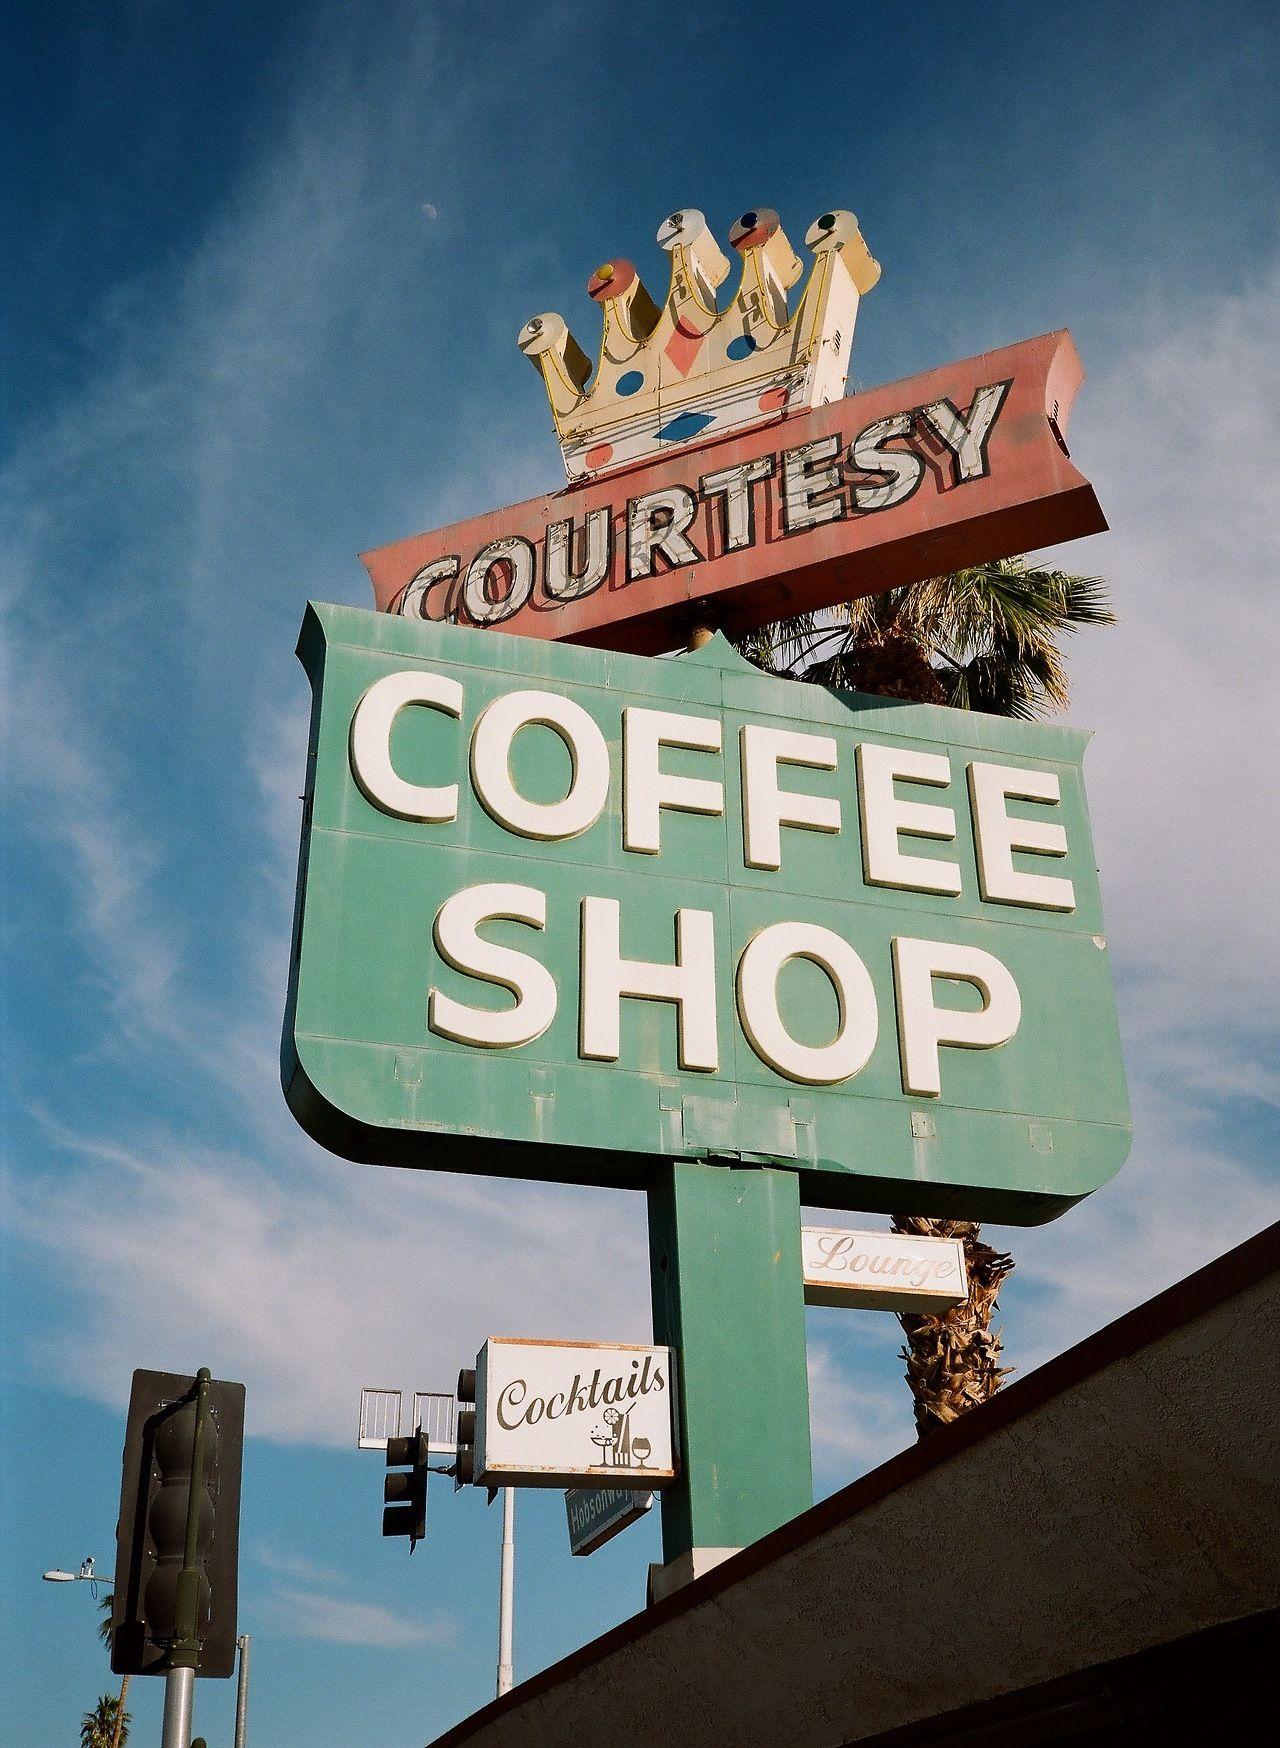 courtesy coffee shop, blythe, california Blythe